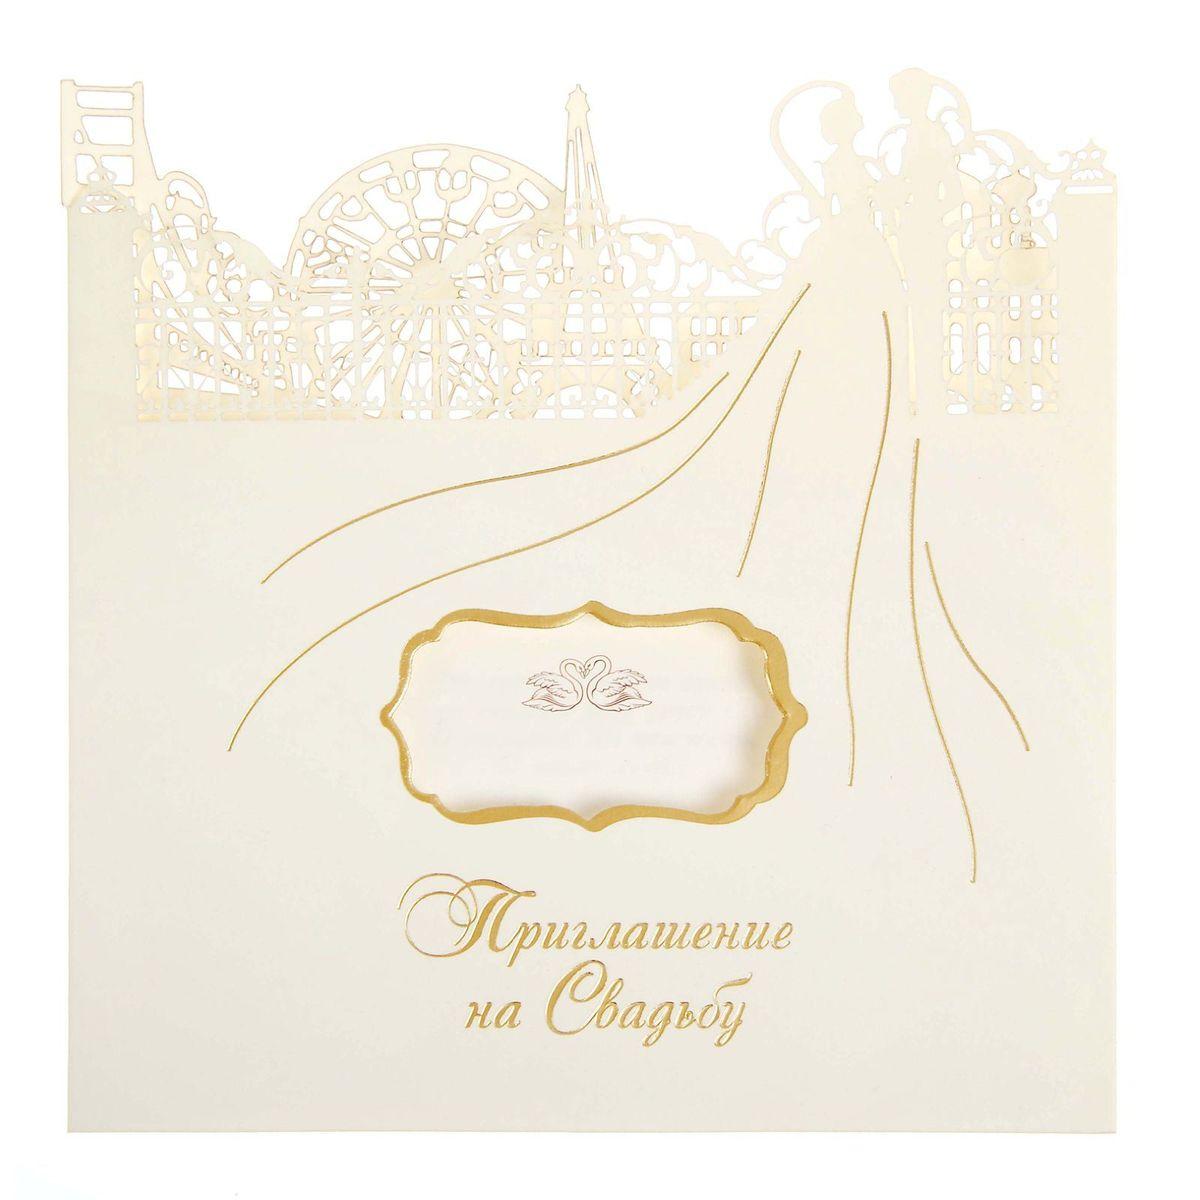 Sima-land Свадебное приглашение Две судьбы станут одной..., 15 х 15 см1185647Свадьба — одно из главных событий в жизни каждого человека. Для идеального торжества необходимо продумать каждую мелочь. Родным и близким будет приятно получить индивидуальную красивую открытку с эксклюзивным дизайном.